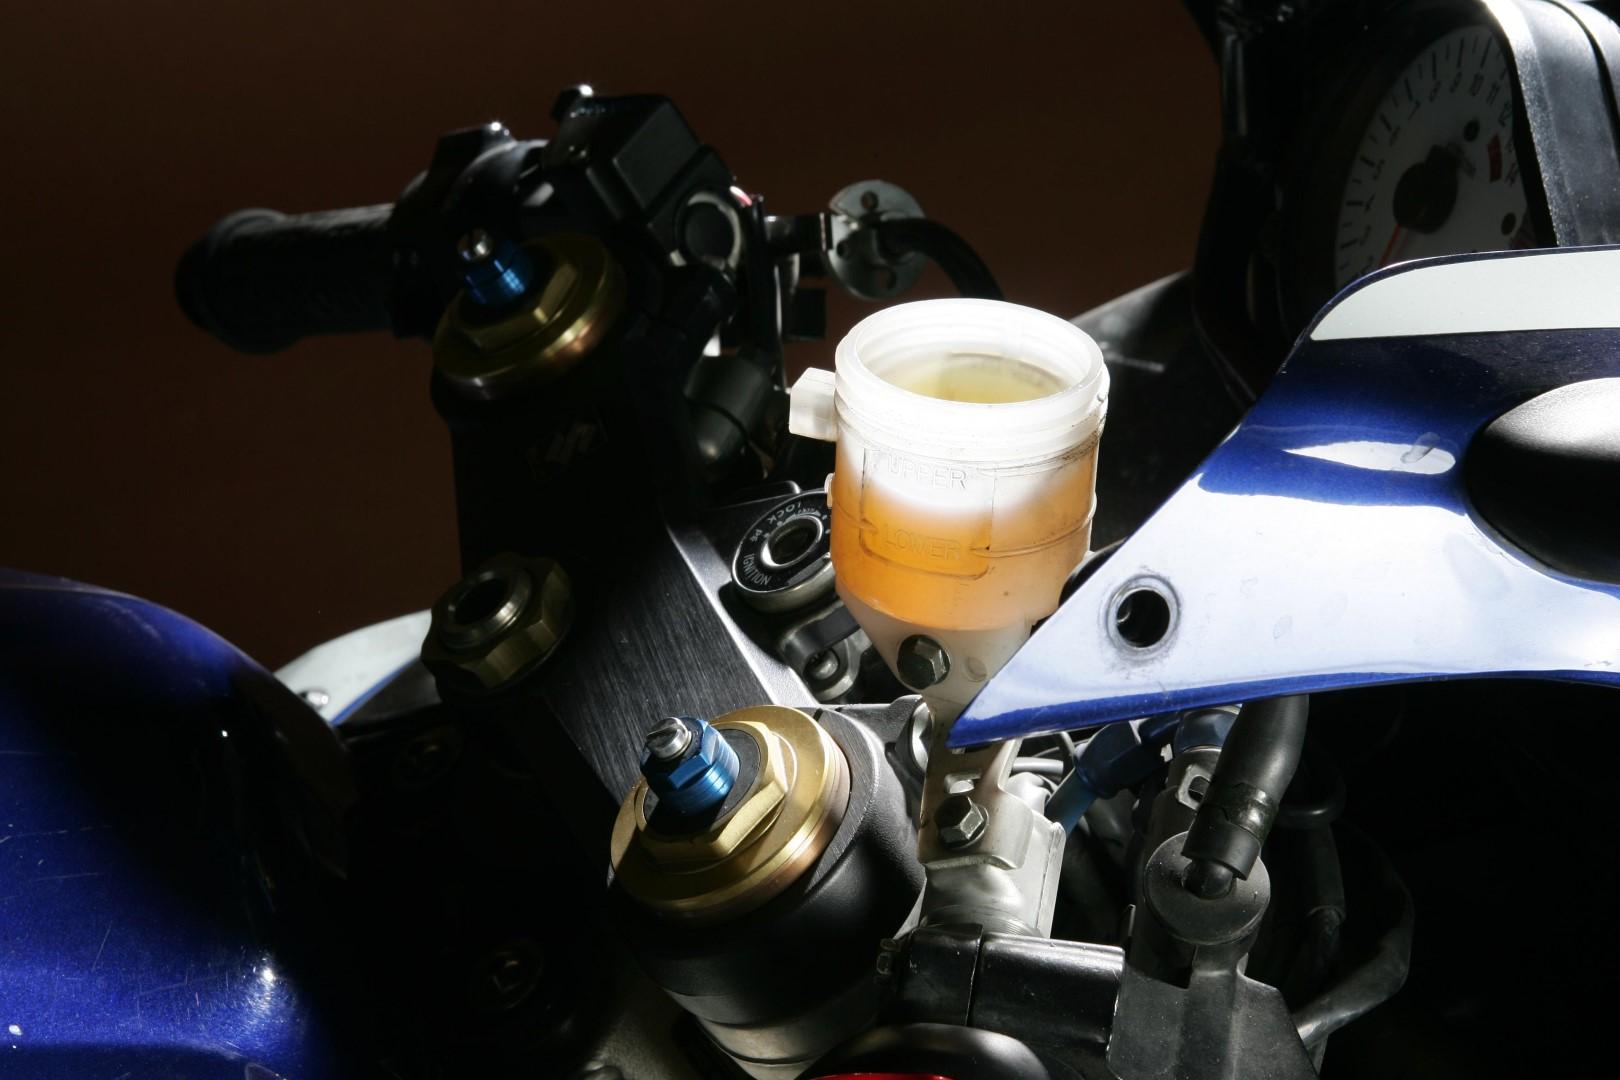 Cómo revisar el líquido de frenos de tu moto